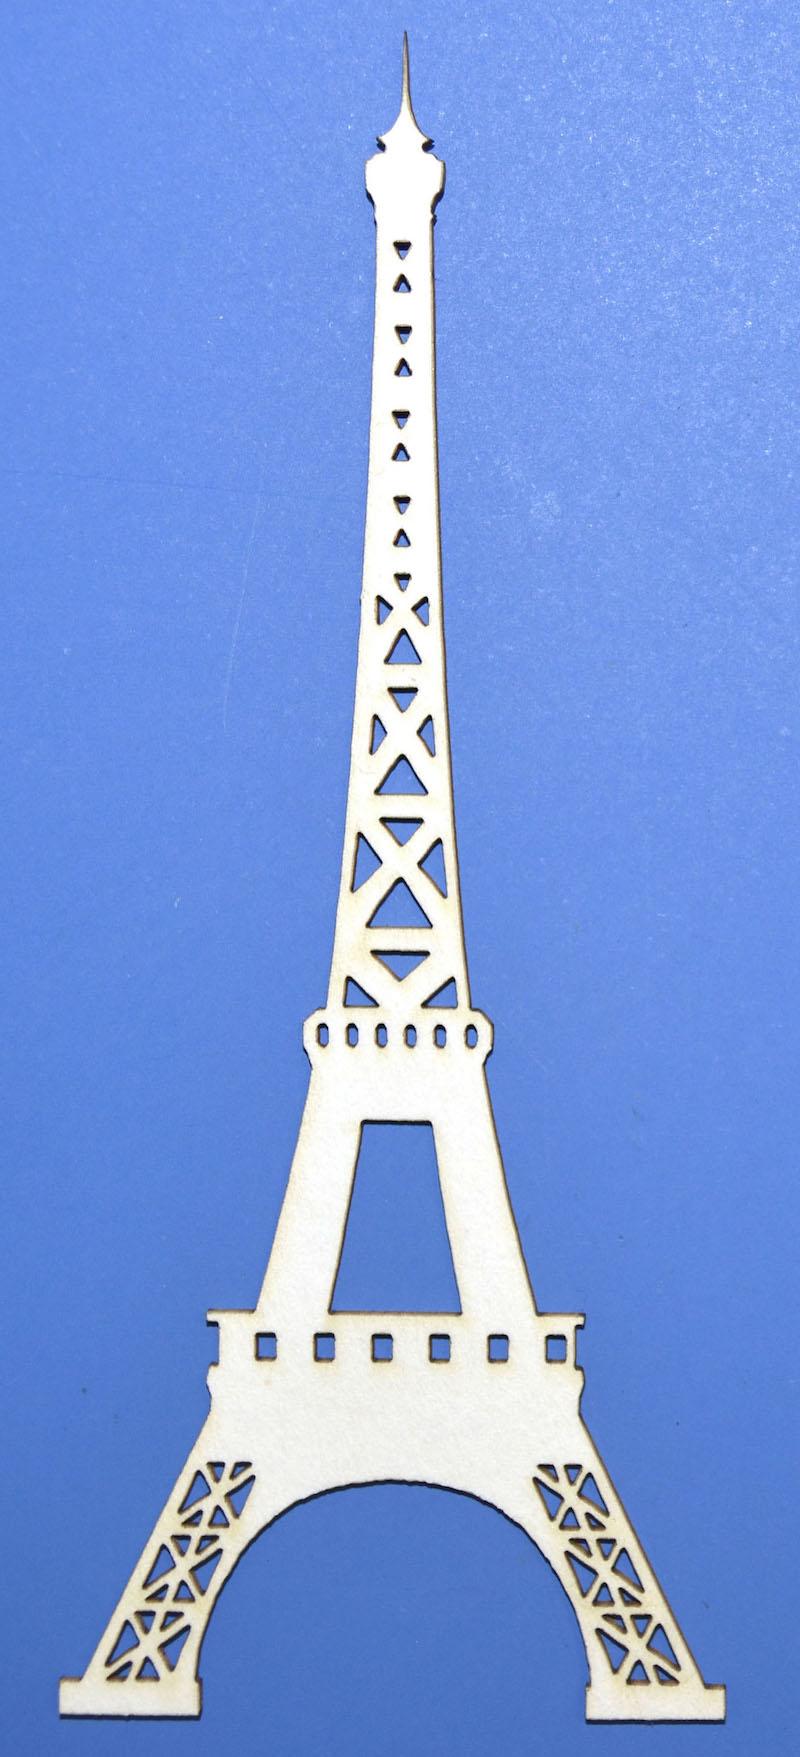 хорошая эйфелева башня картинки сделать из бумаги запросу пластиковый